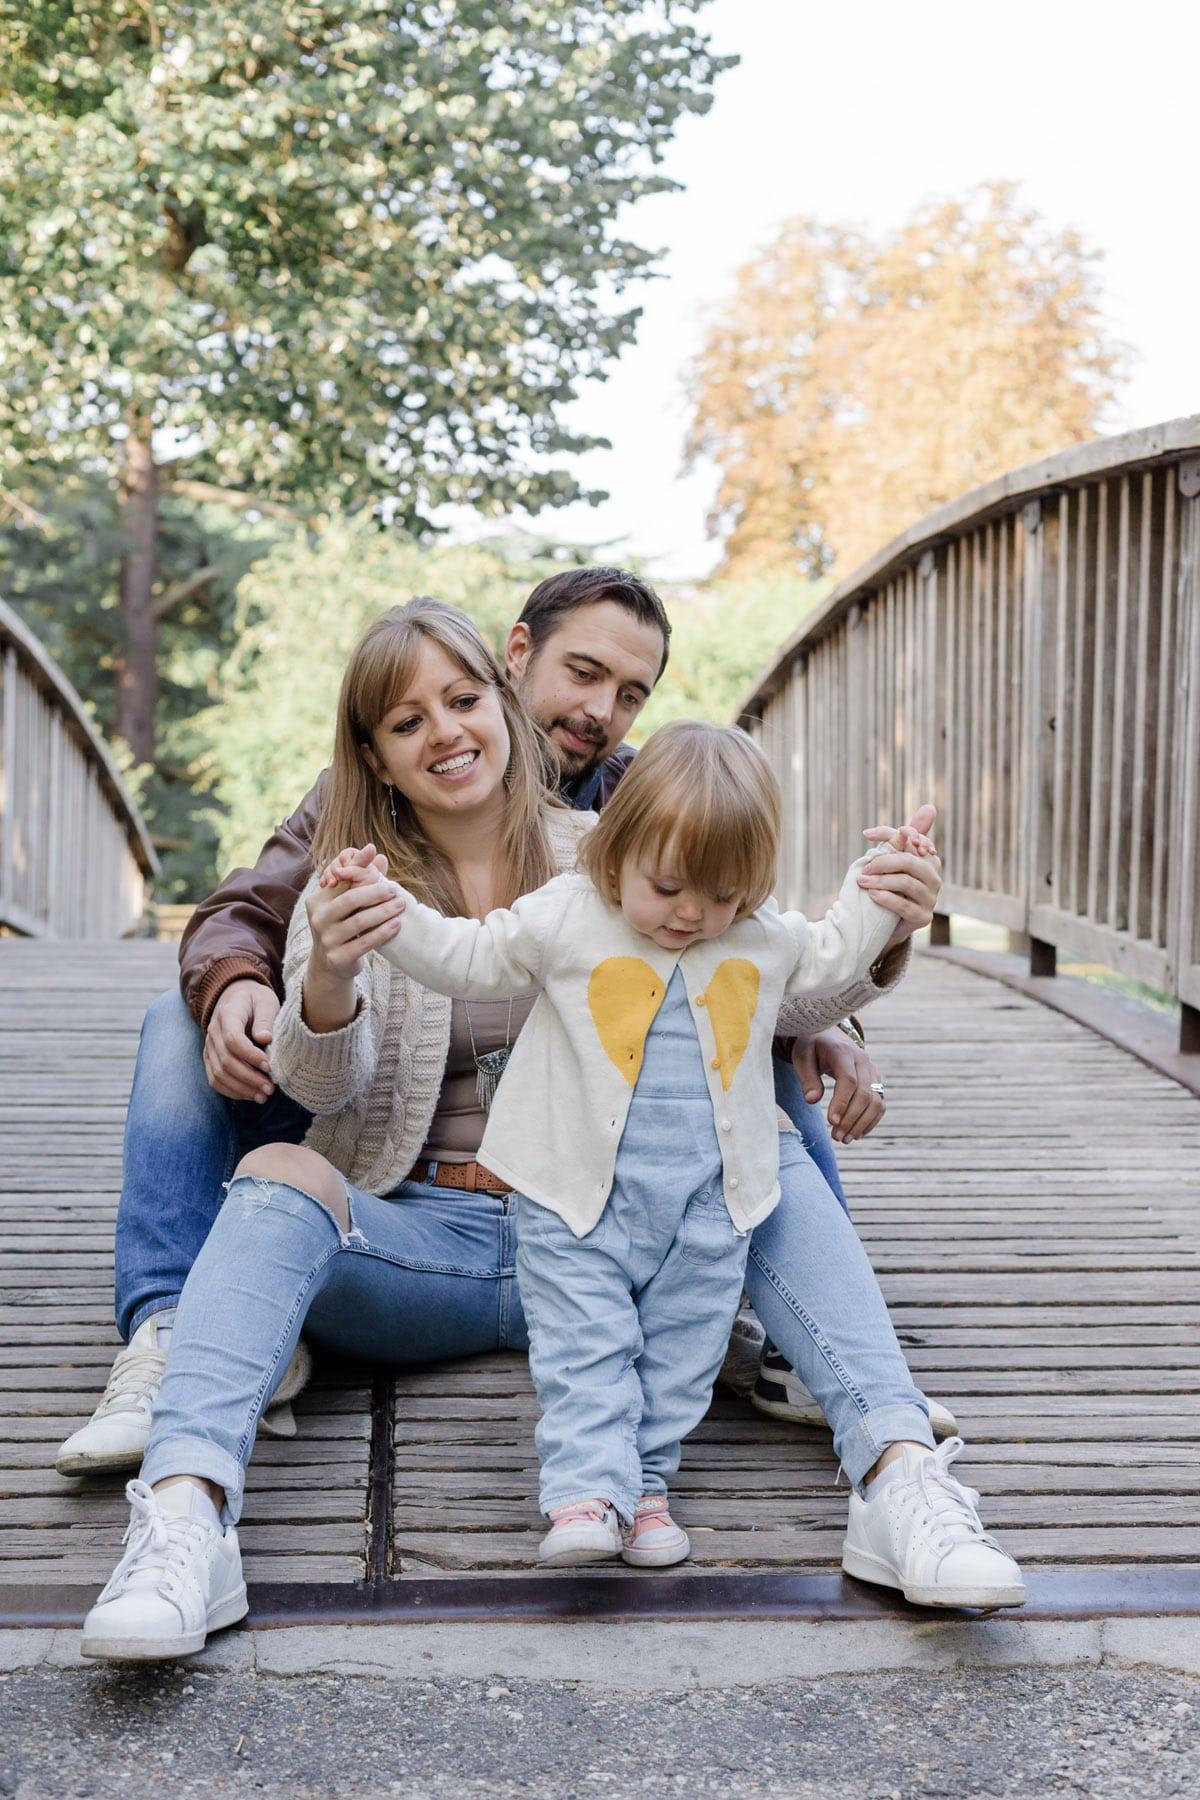 photographe famille enfants bebe bordeaux parc lifestyle fineart francais sarah miramon alexie alicia adrian 09